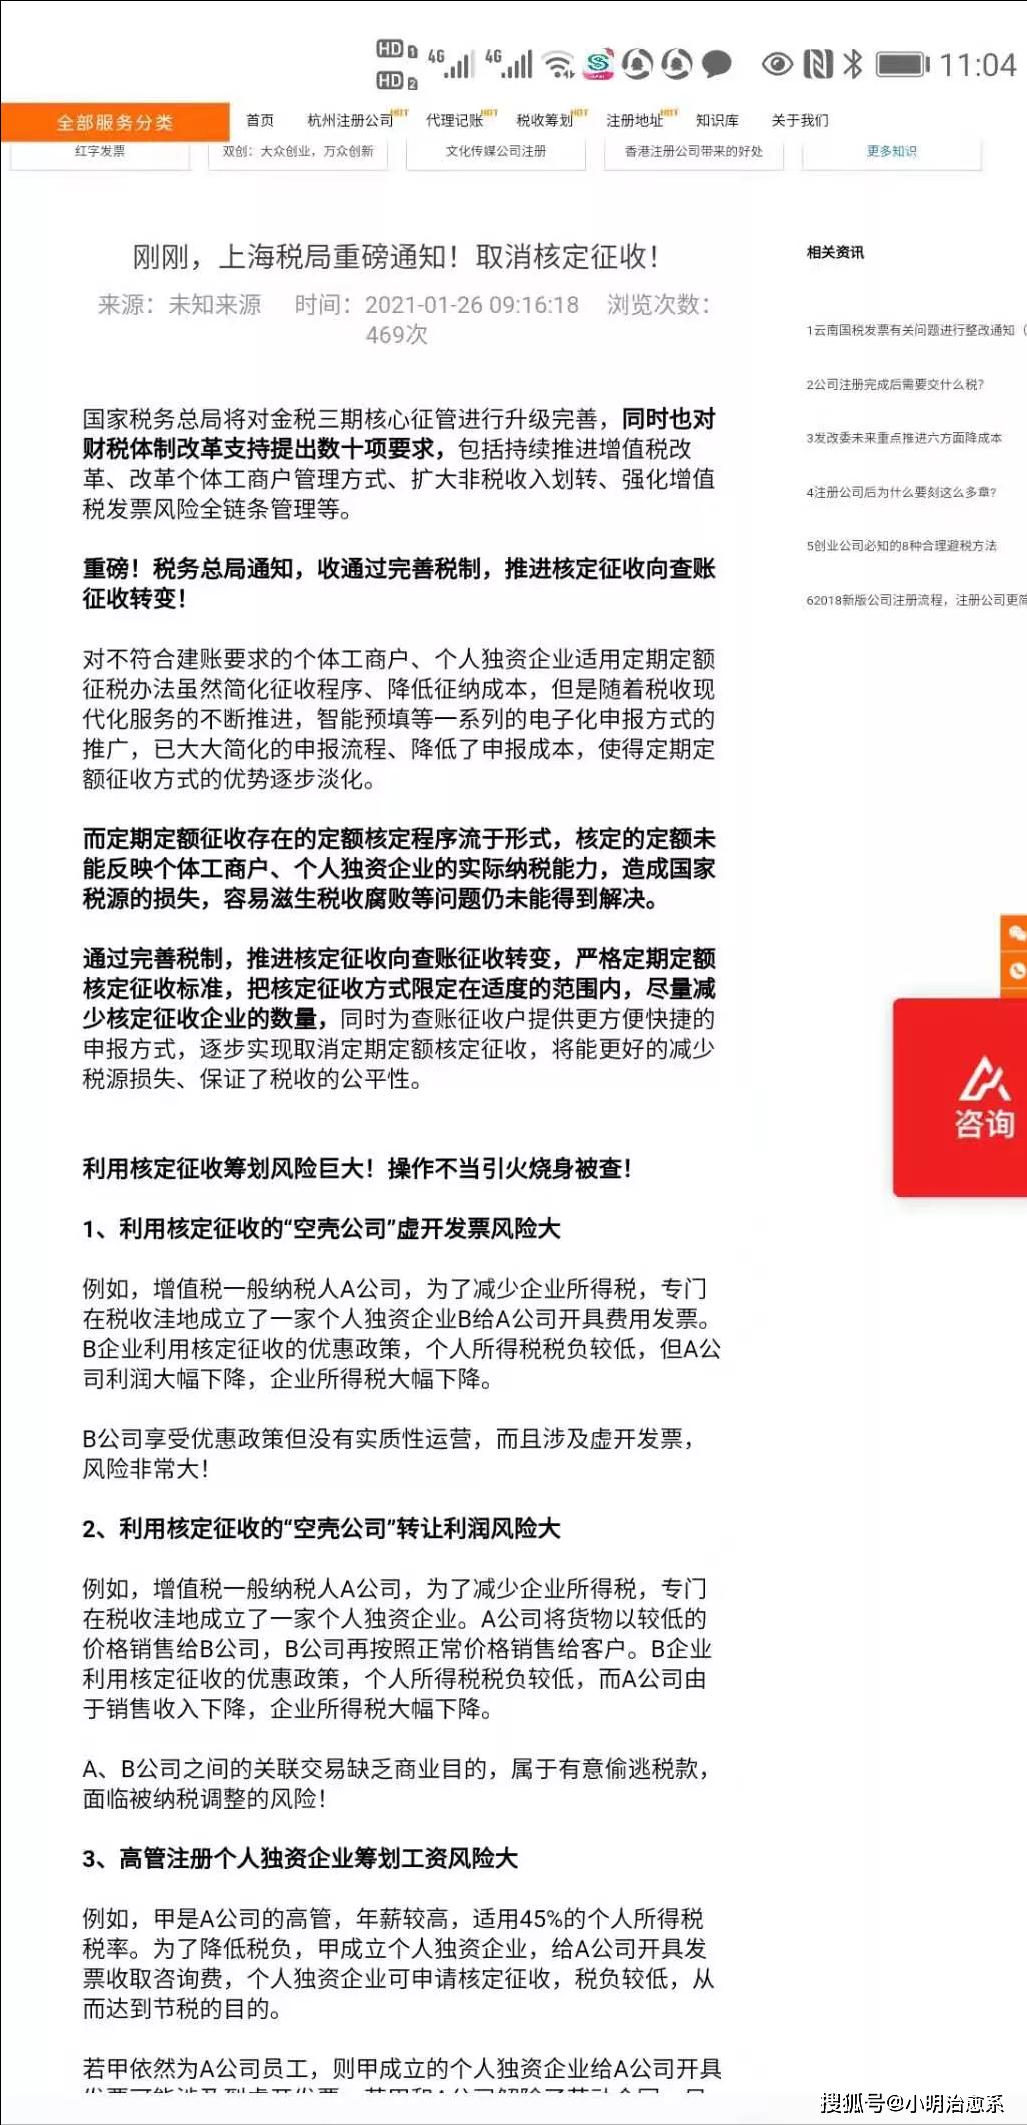 上海宣布取消核定,全国核定政策收紧,20